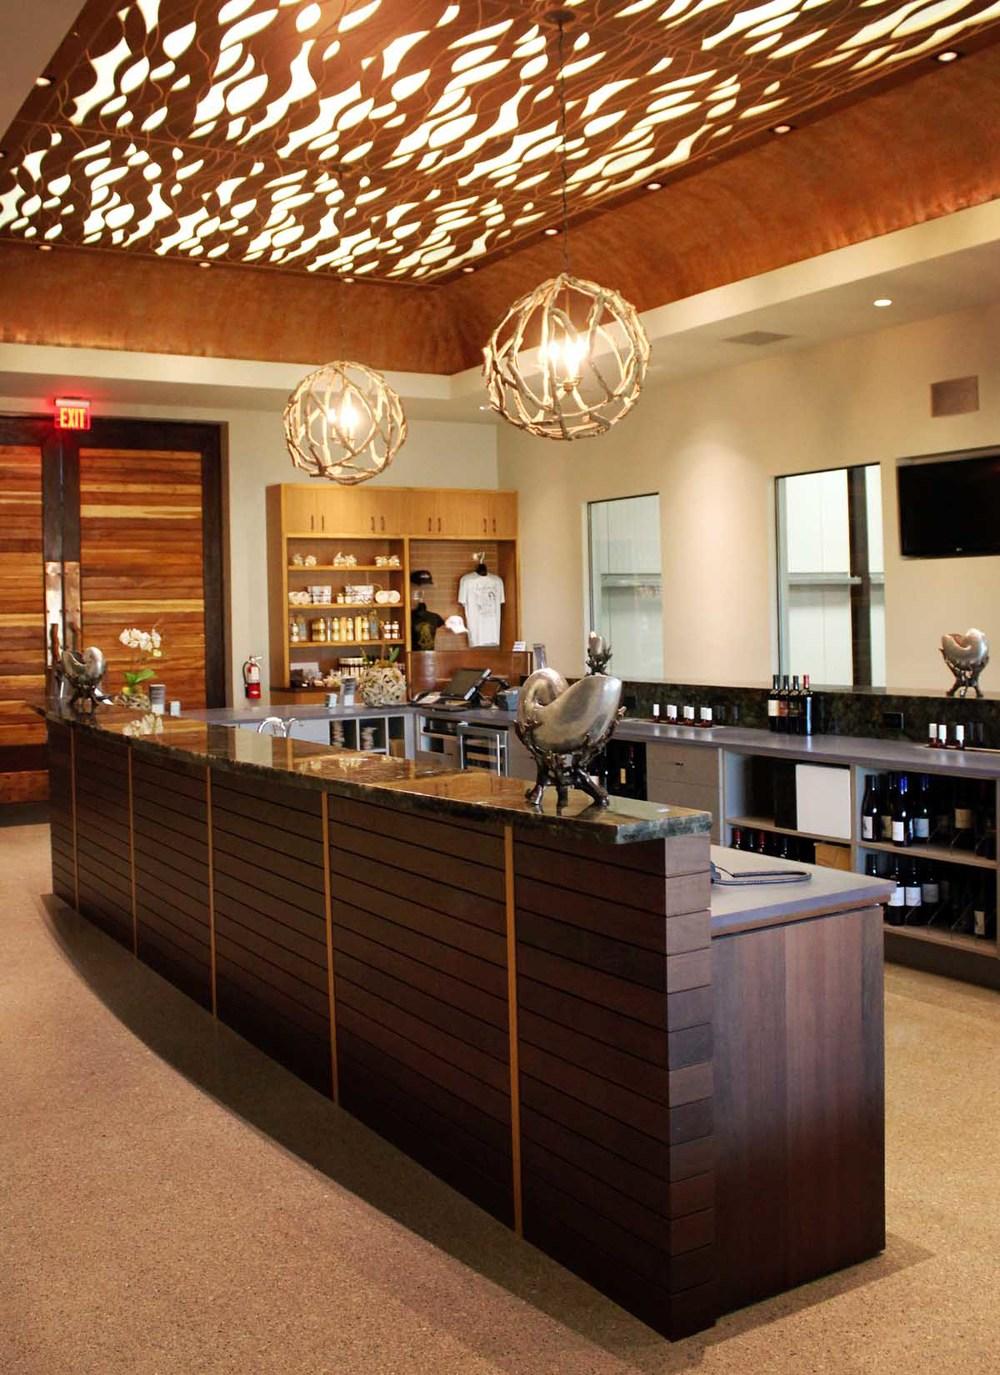 Winery reiss design studio for Room 4 design leeds